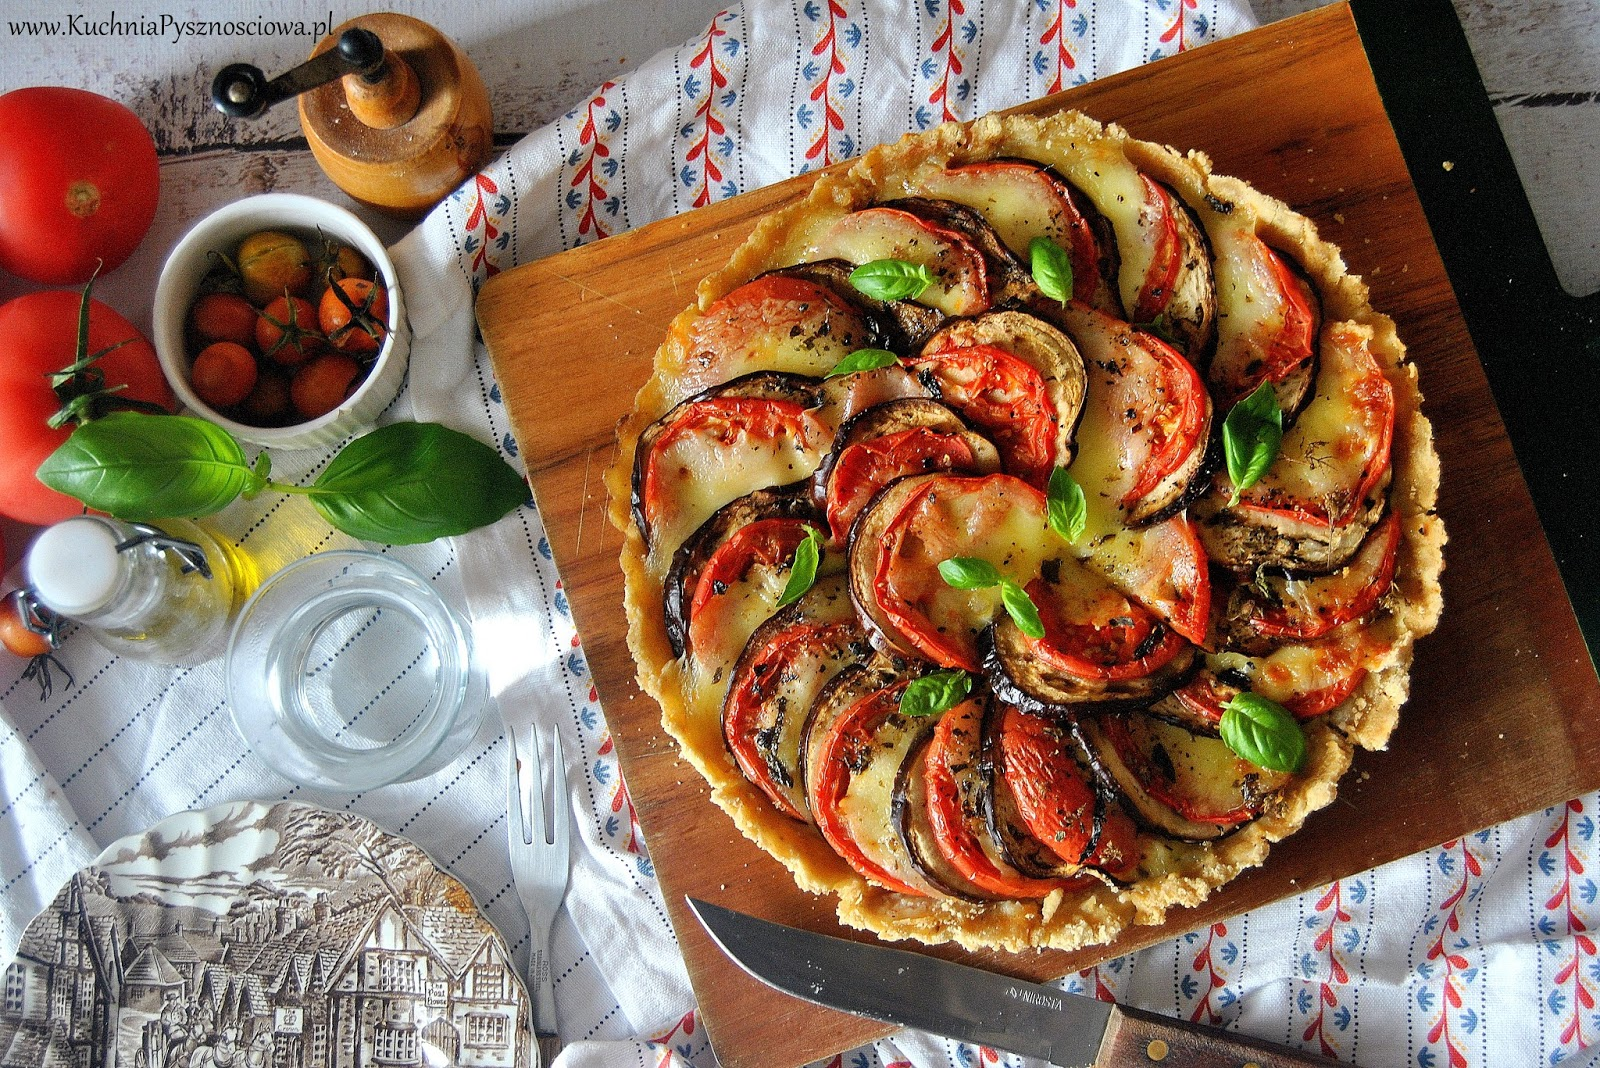 547. Tarta z pomidorami, bakłażanem i serem mozzarella